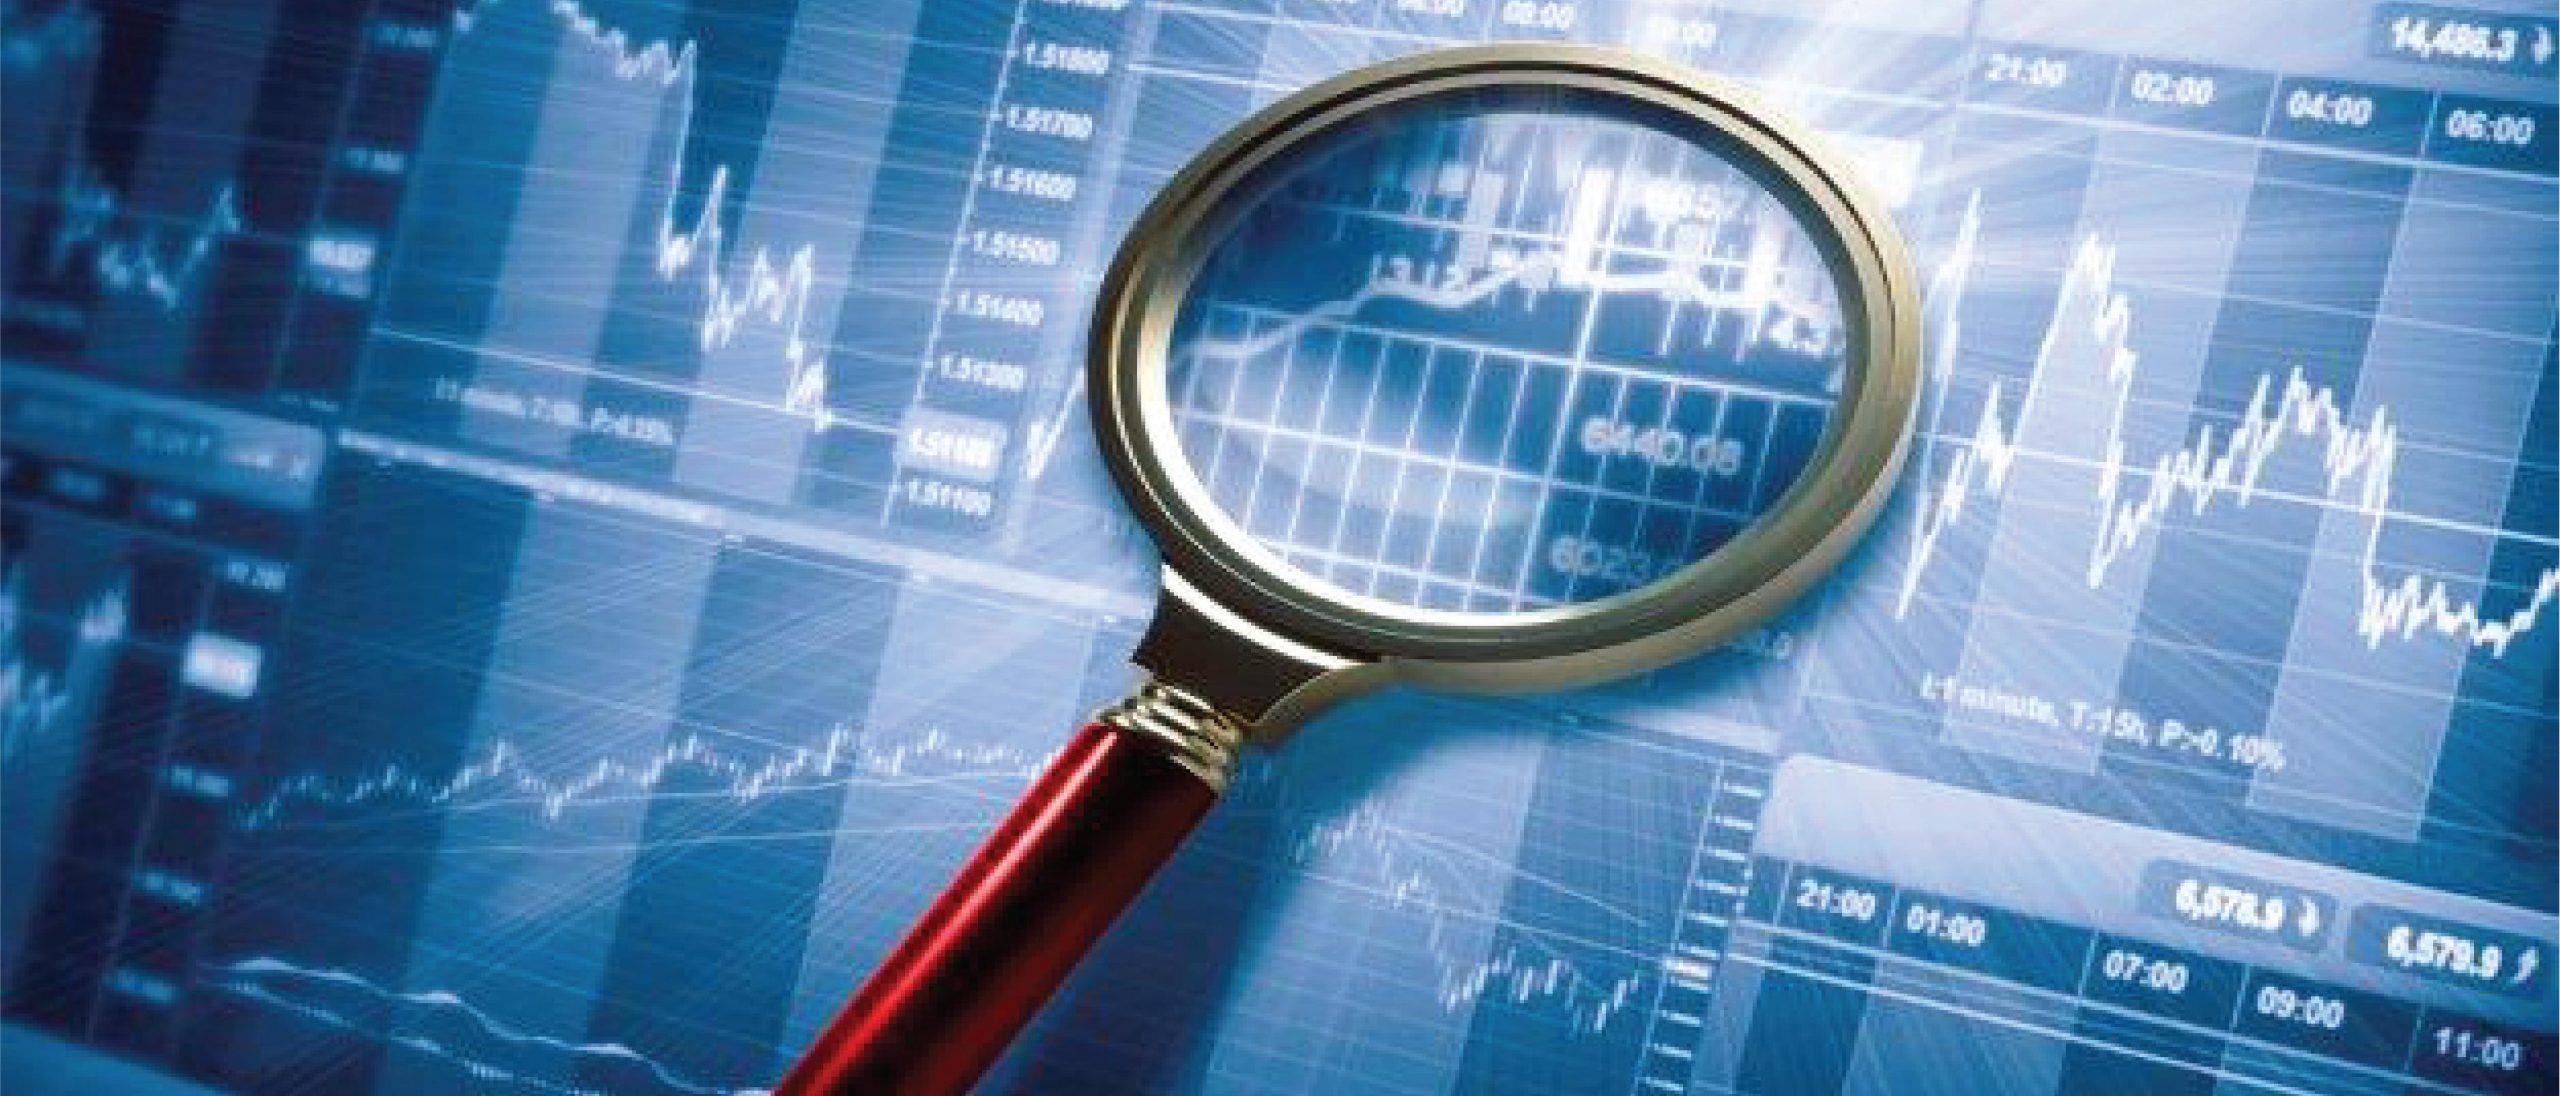 """Khai giảng khóa học """"AIA - Kiểm toán nội bộ ứng dụng theo chuẩn quốc tế"""""""